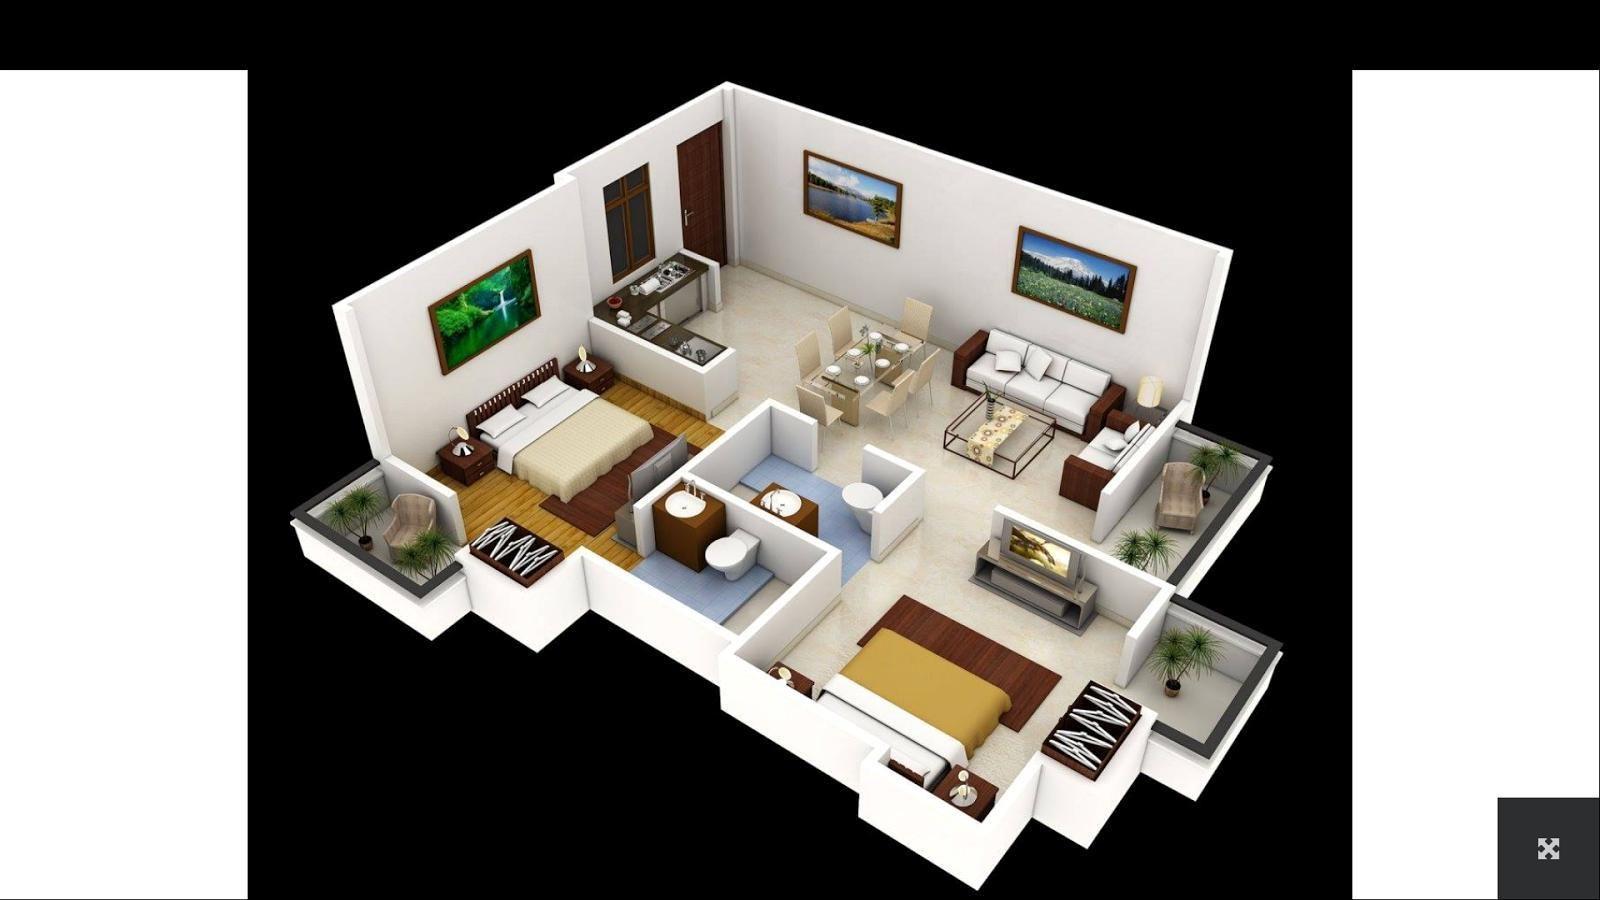 Logiciel de plan de maison gratuit a telecharger id es de travaux - Logiciel de plan de maison gratuit ...